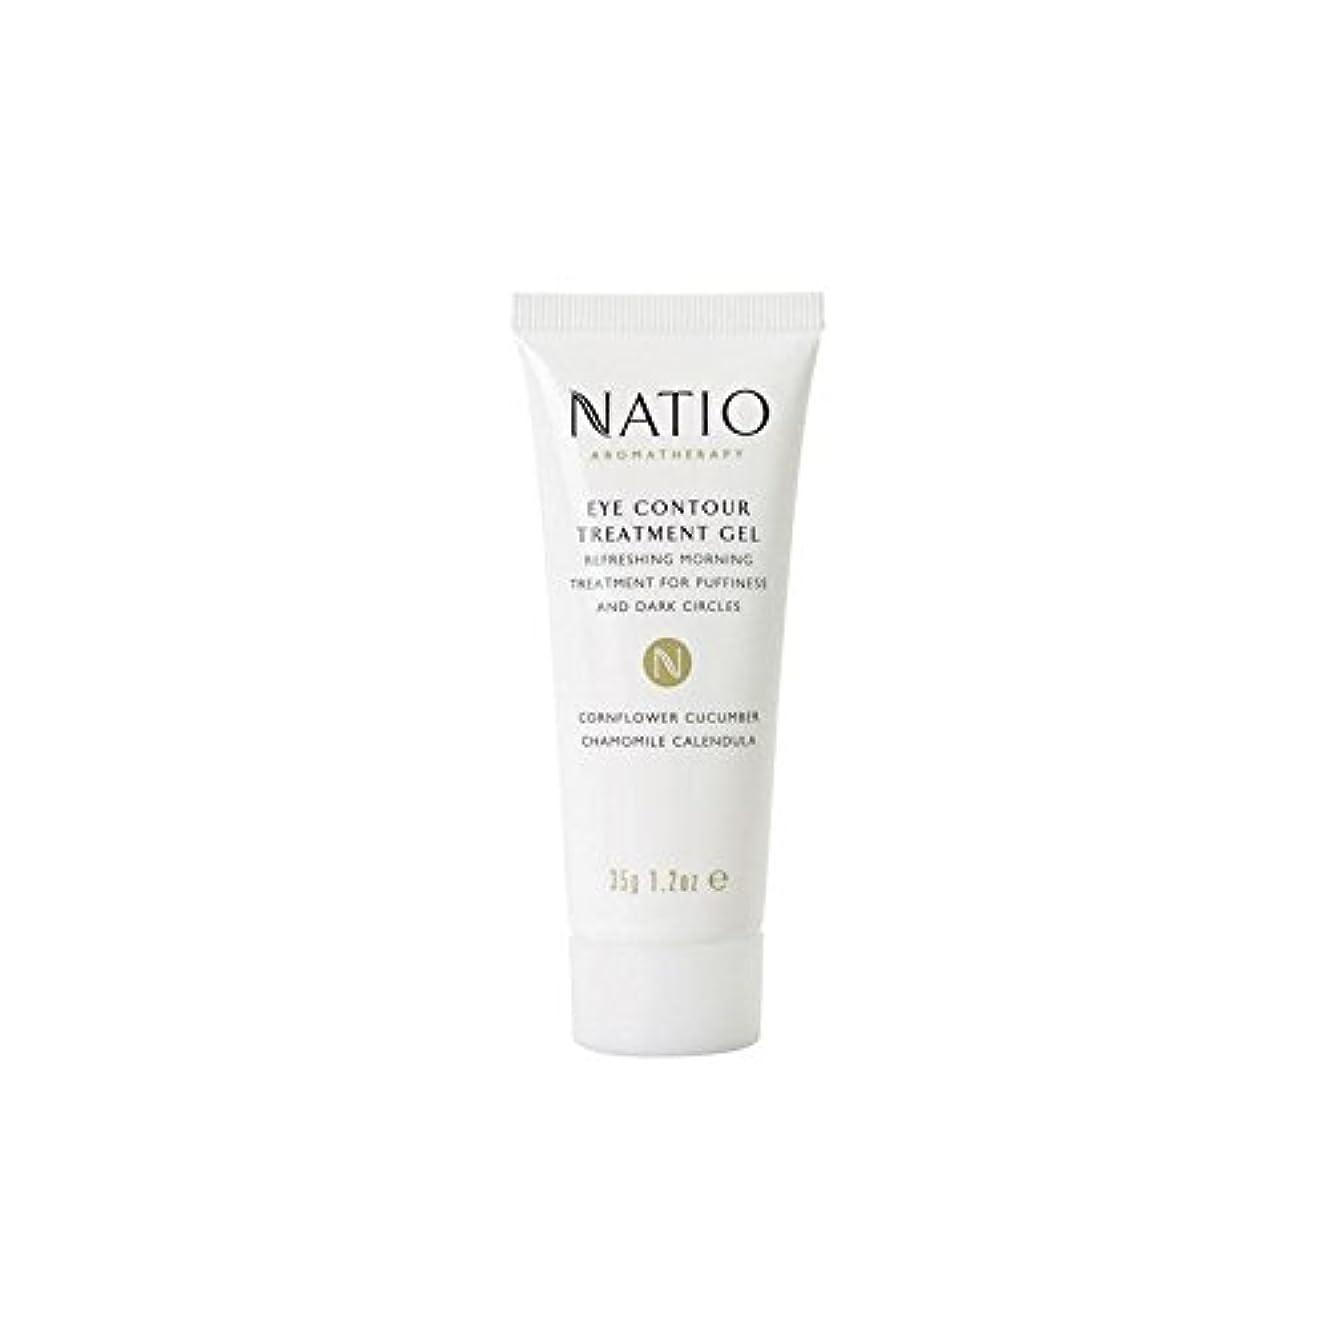 サミュエル夕暮れ付録眼輪郭処理ゲル(35グラム) x2 - Natio Eye Contour Treatment Gel (35G) (Pack of 2) [並行輸入品]